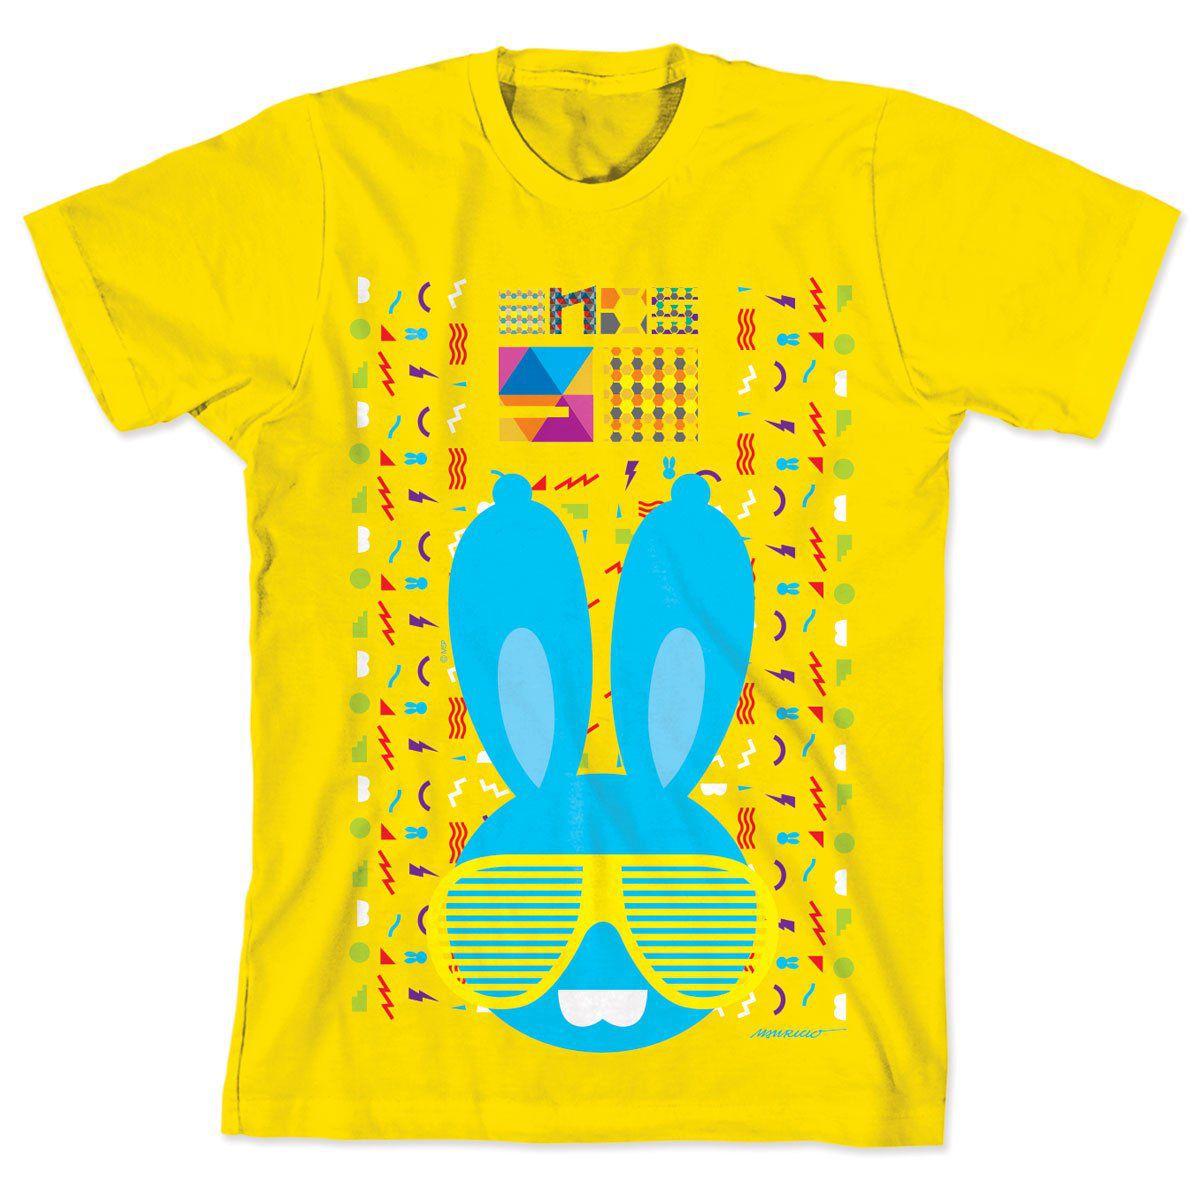 Camiseta Turma da Mônica 50 Anos Modelo 1 Anos 90